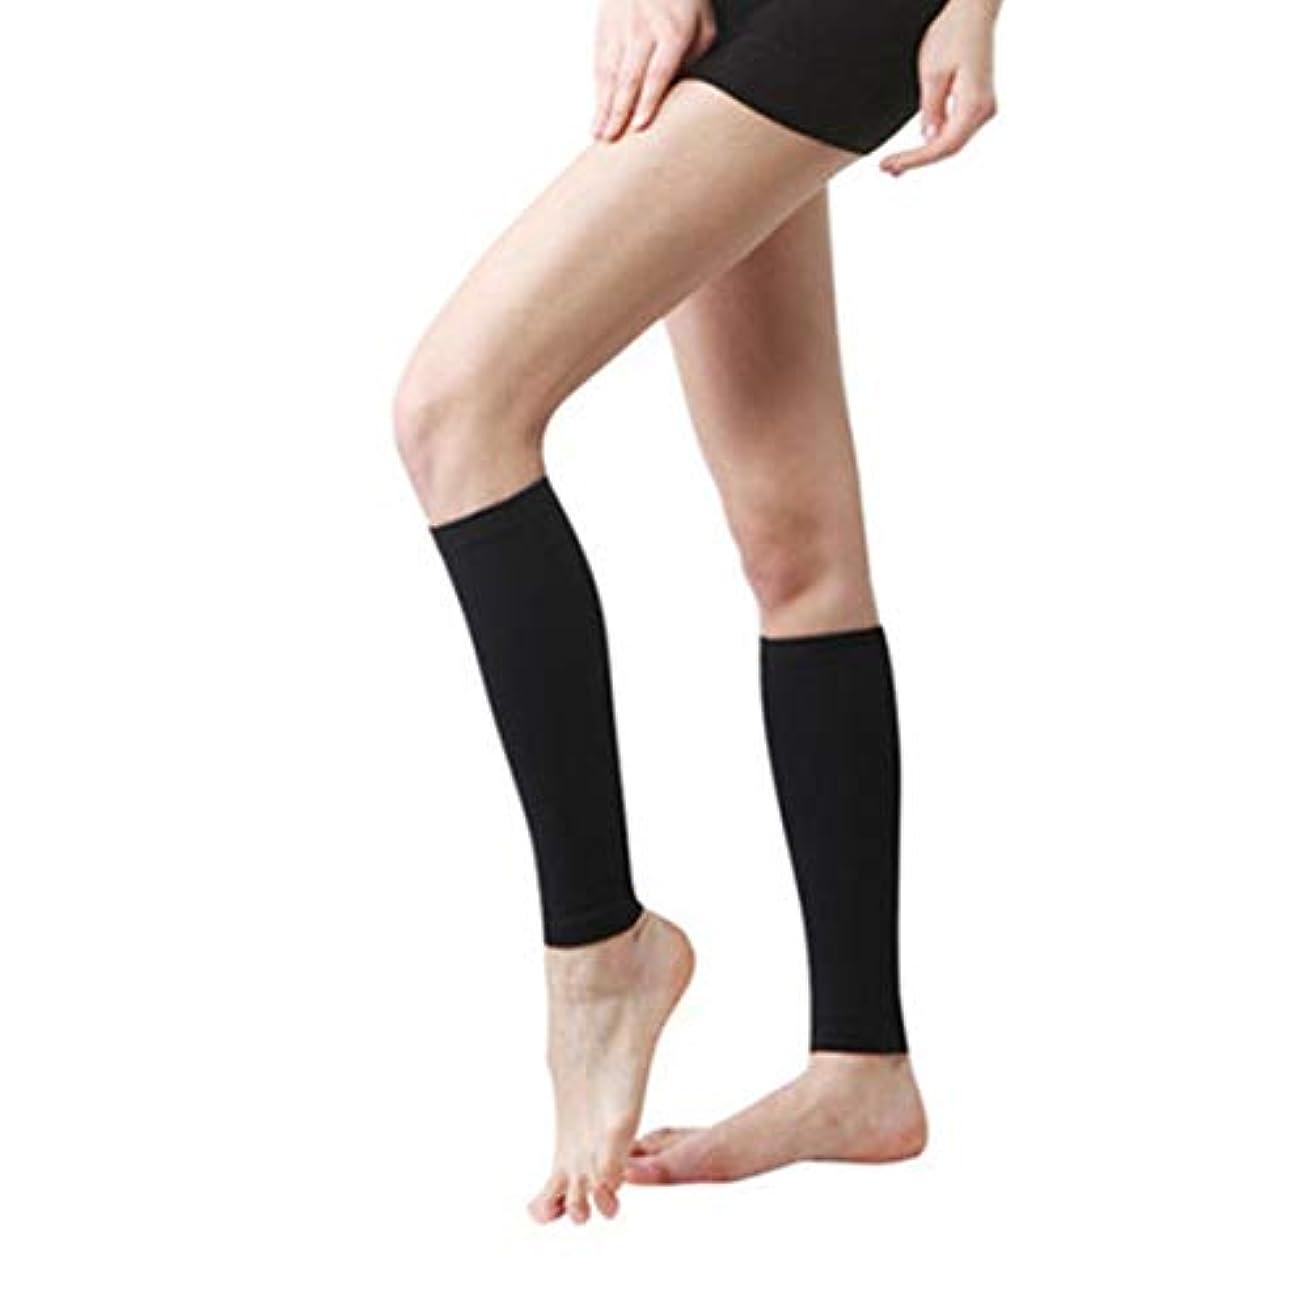 避難する要件見物人丈夫な男性女性プロの圧縮靴下通気性のある旅行活動看護師用シンススプリントフライトトラベル - ブラック